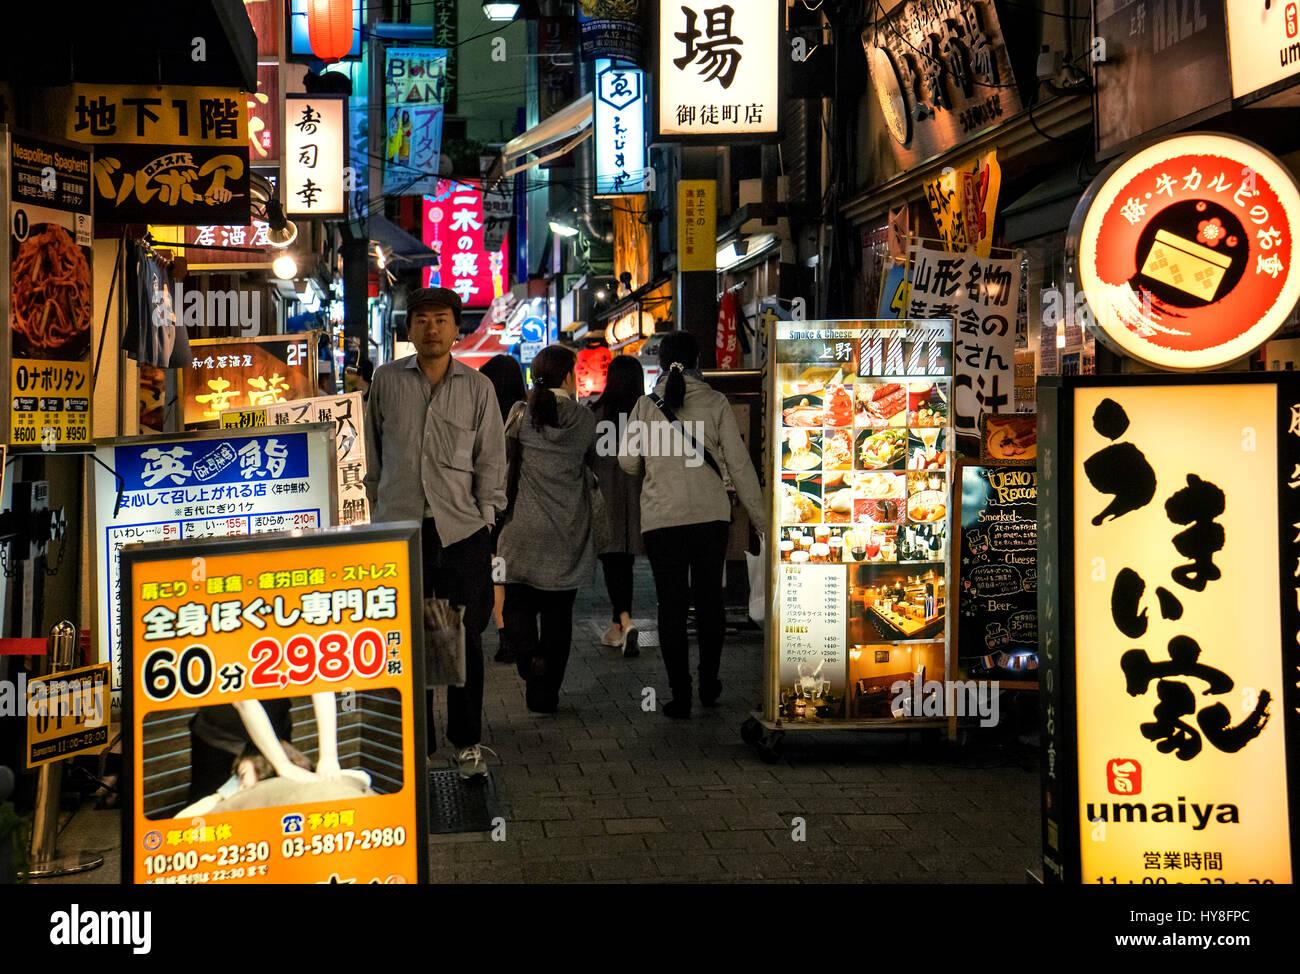 Japan, Insel Honshu, Kanto, Tokio, durch die Straßen von Ueno bei Nacht. Stockbild